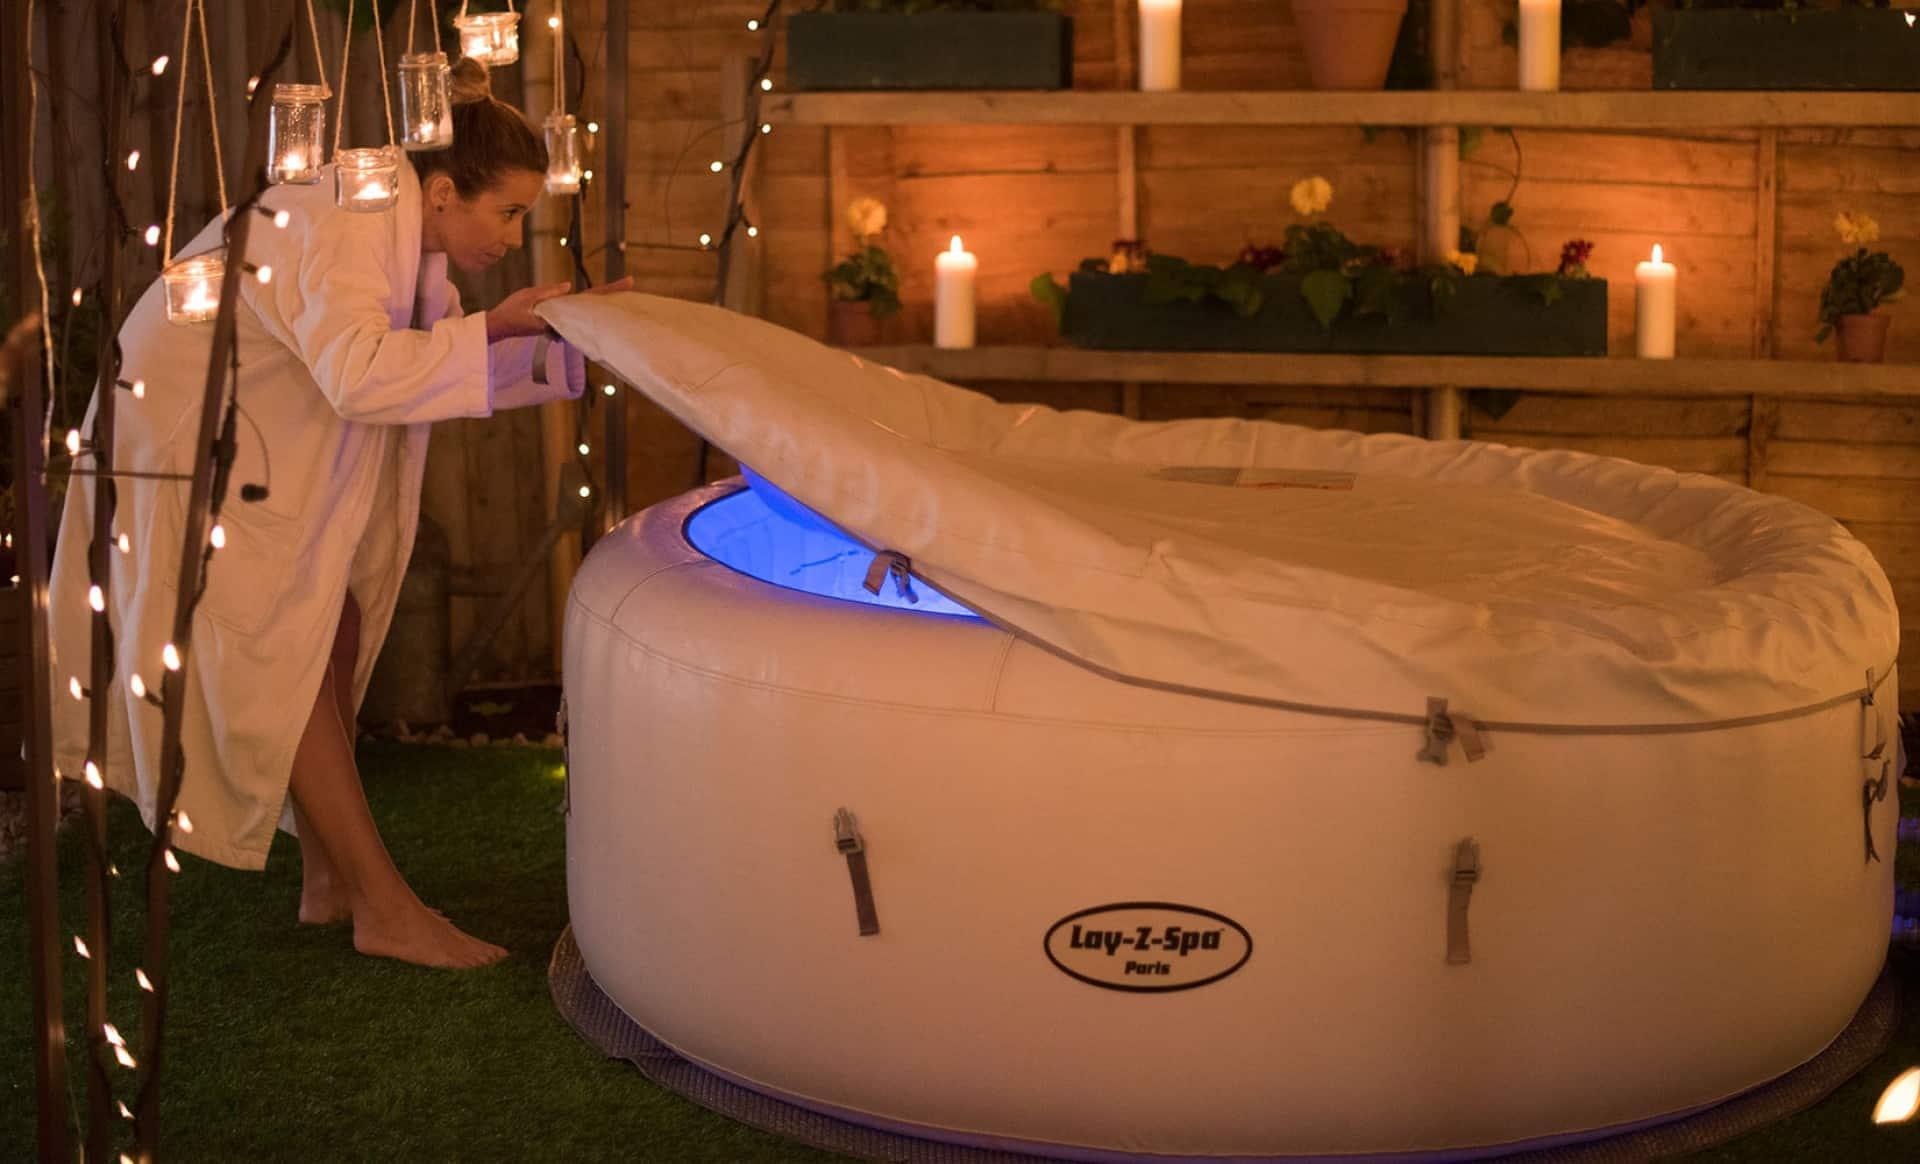 Det er populært å pynte rundt boblebadet med belysning.